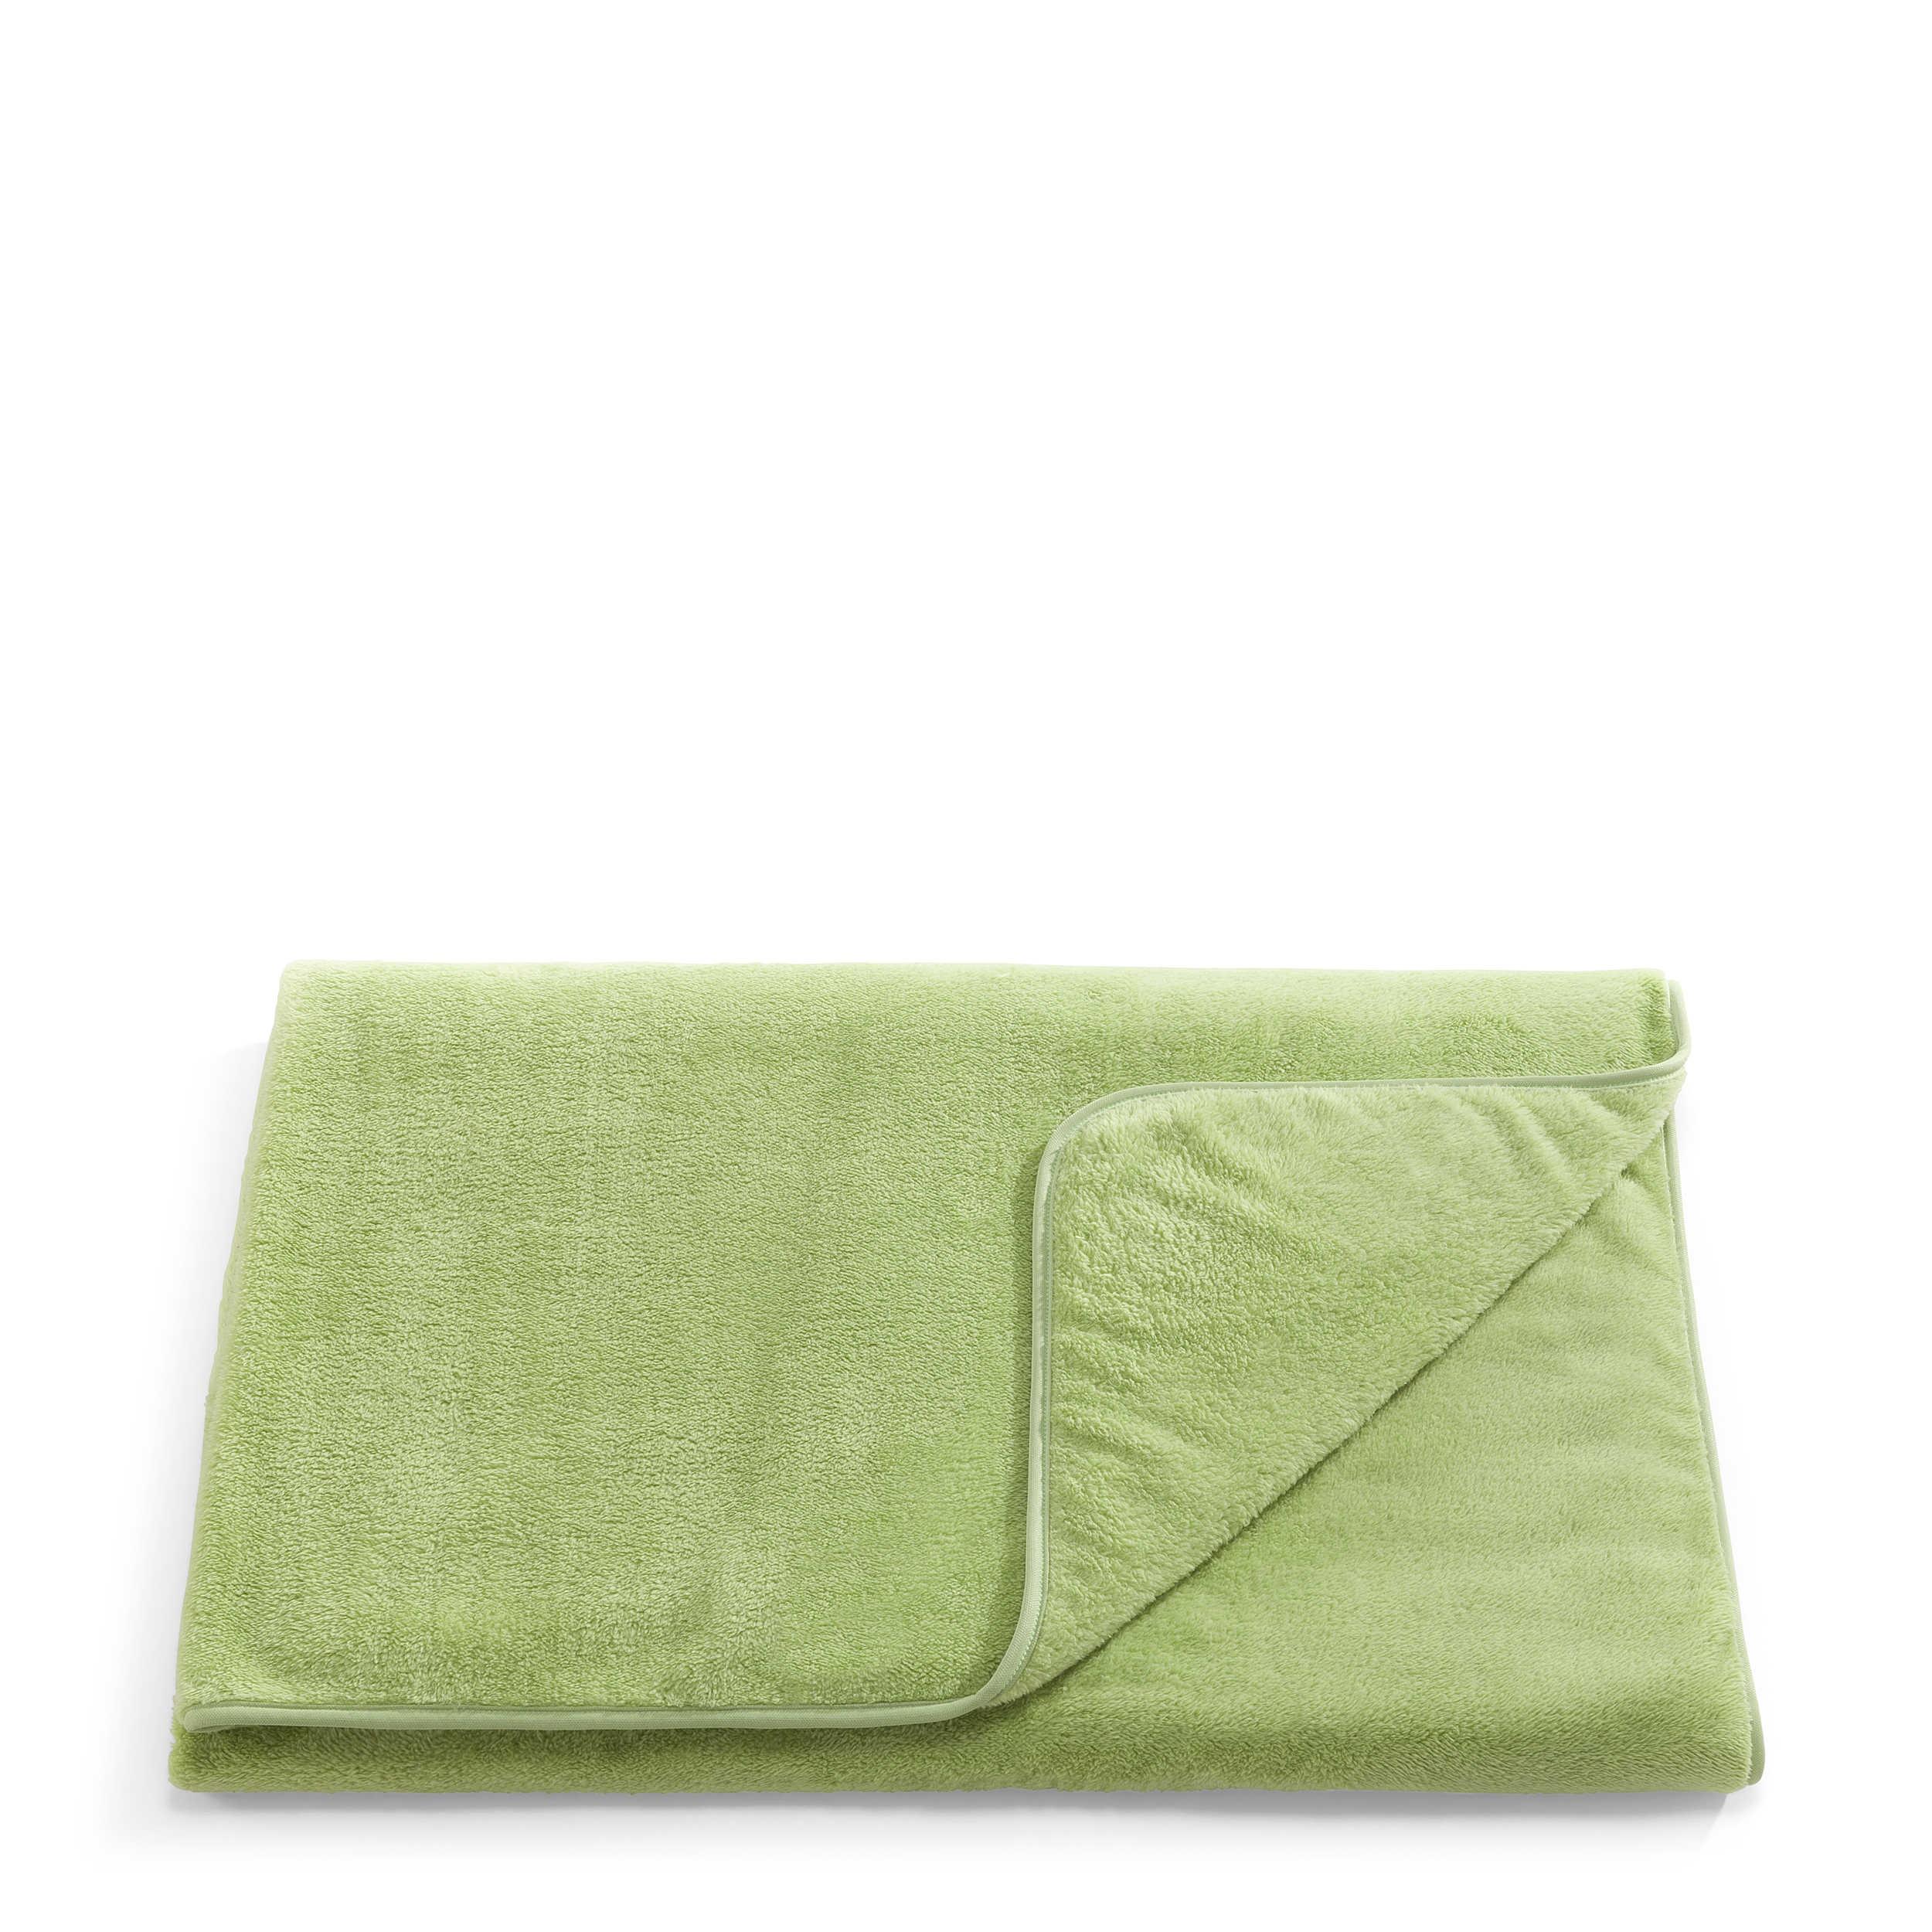 s oliver kuscheldecke wellsoft 150 x 200 cm gr n polyester online kaufen bei woonio. Black Bedroom Furniture Sets. Home Design Ideas